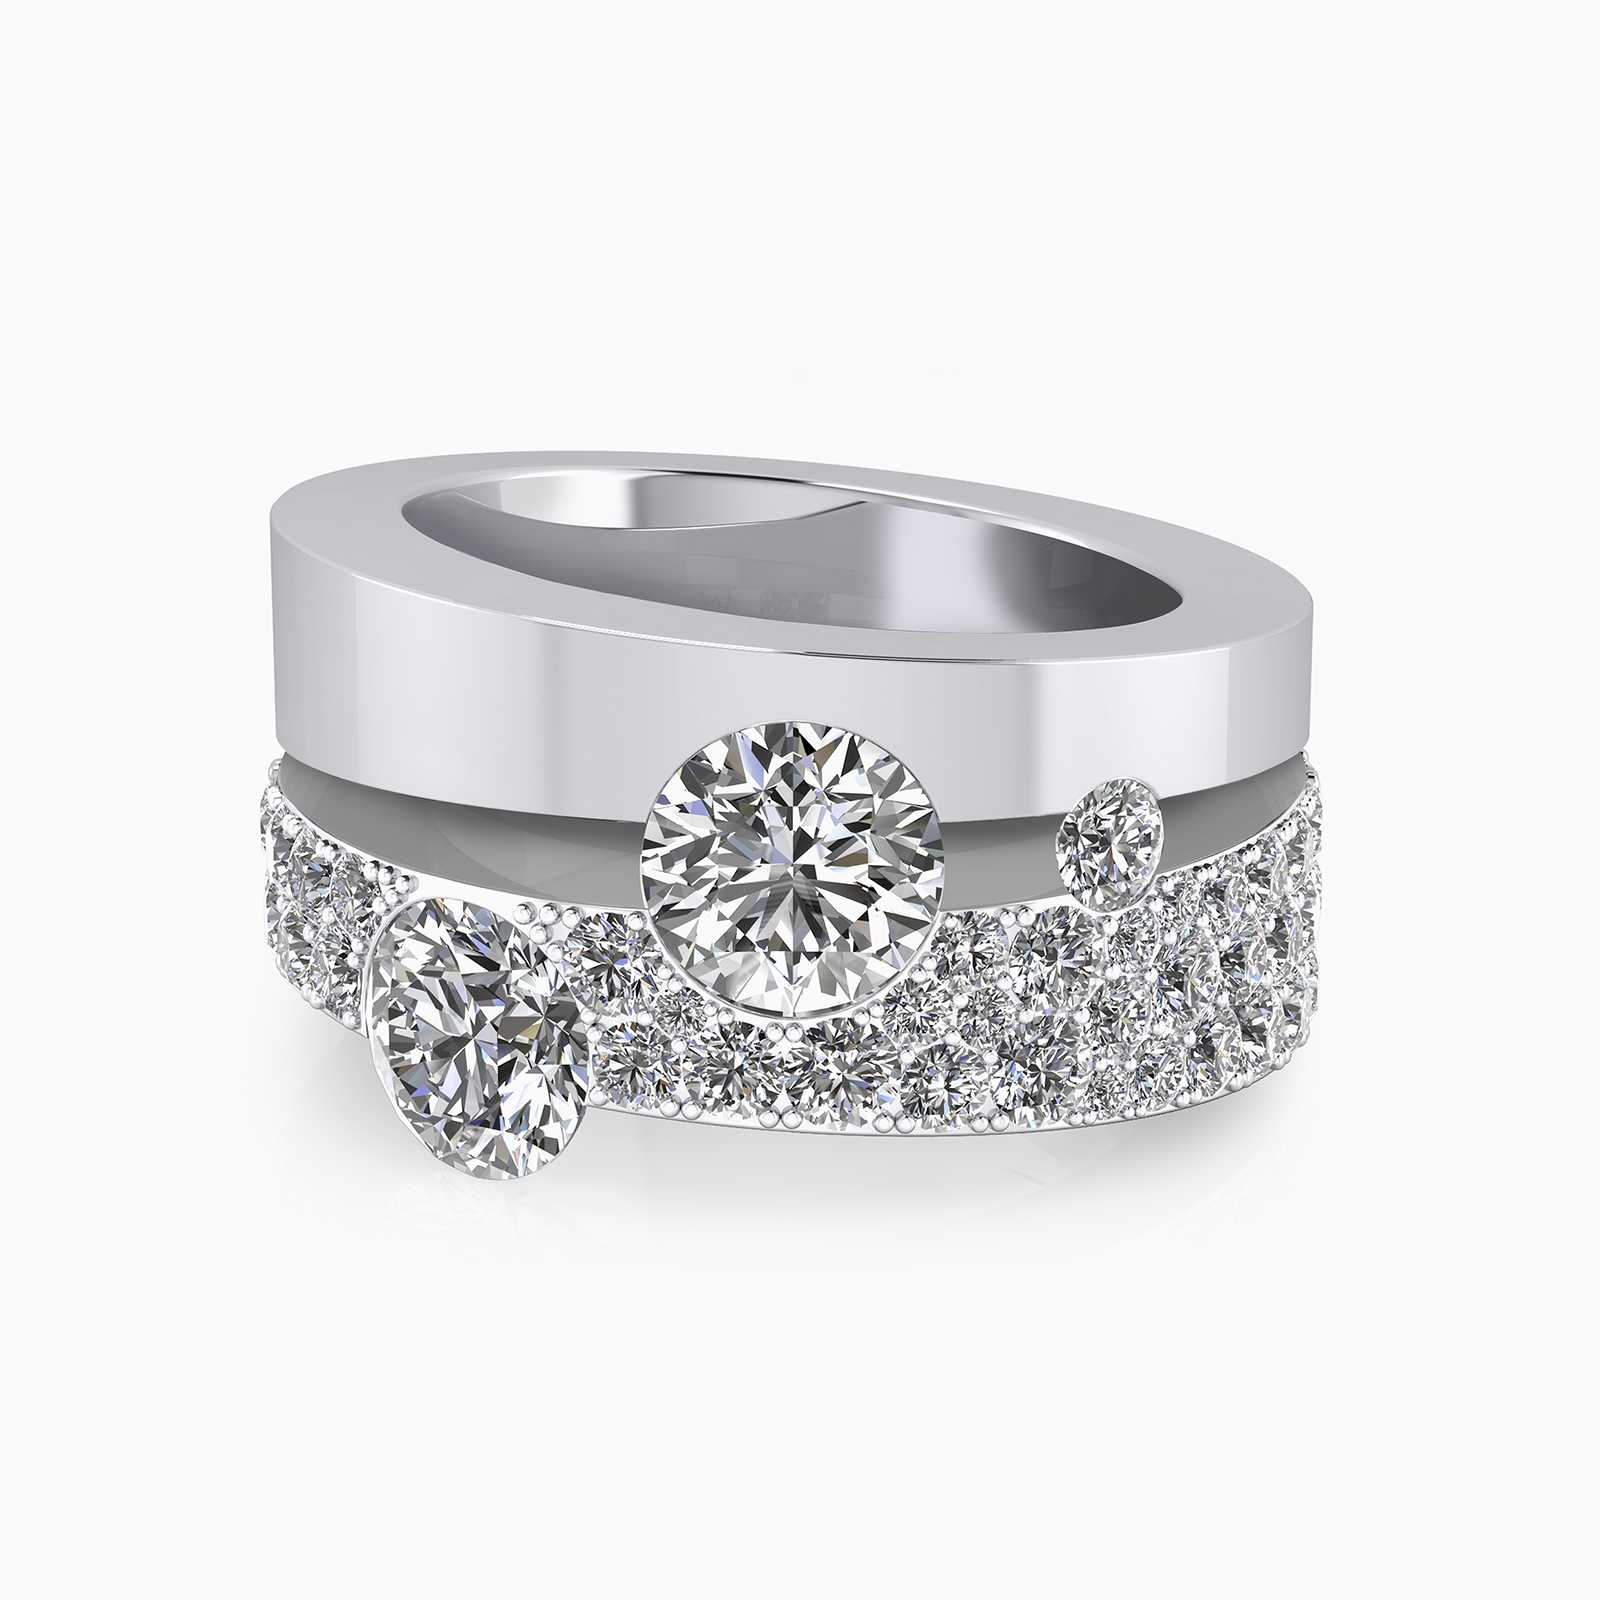 Anell seleccionat per la promoció d'anells de compromís de Clemència Peris, en la campanya de nadal pel dia d'acció de gràcies